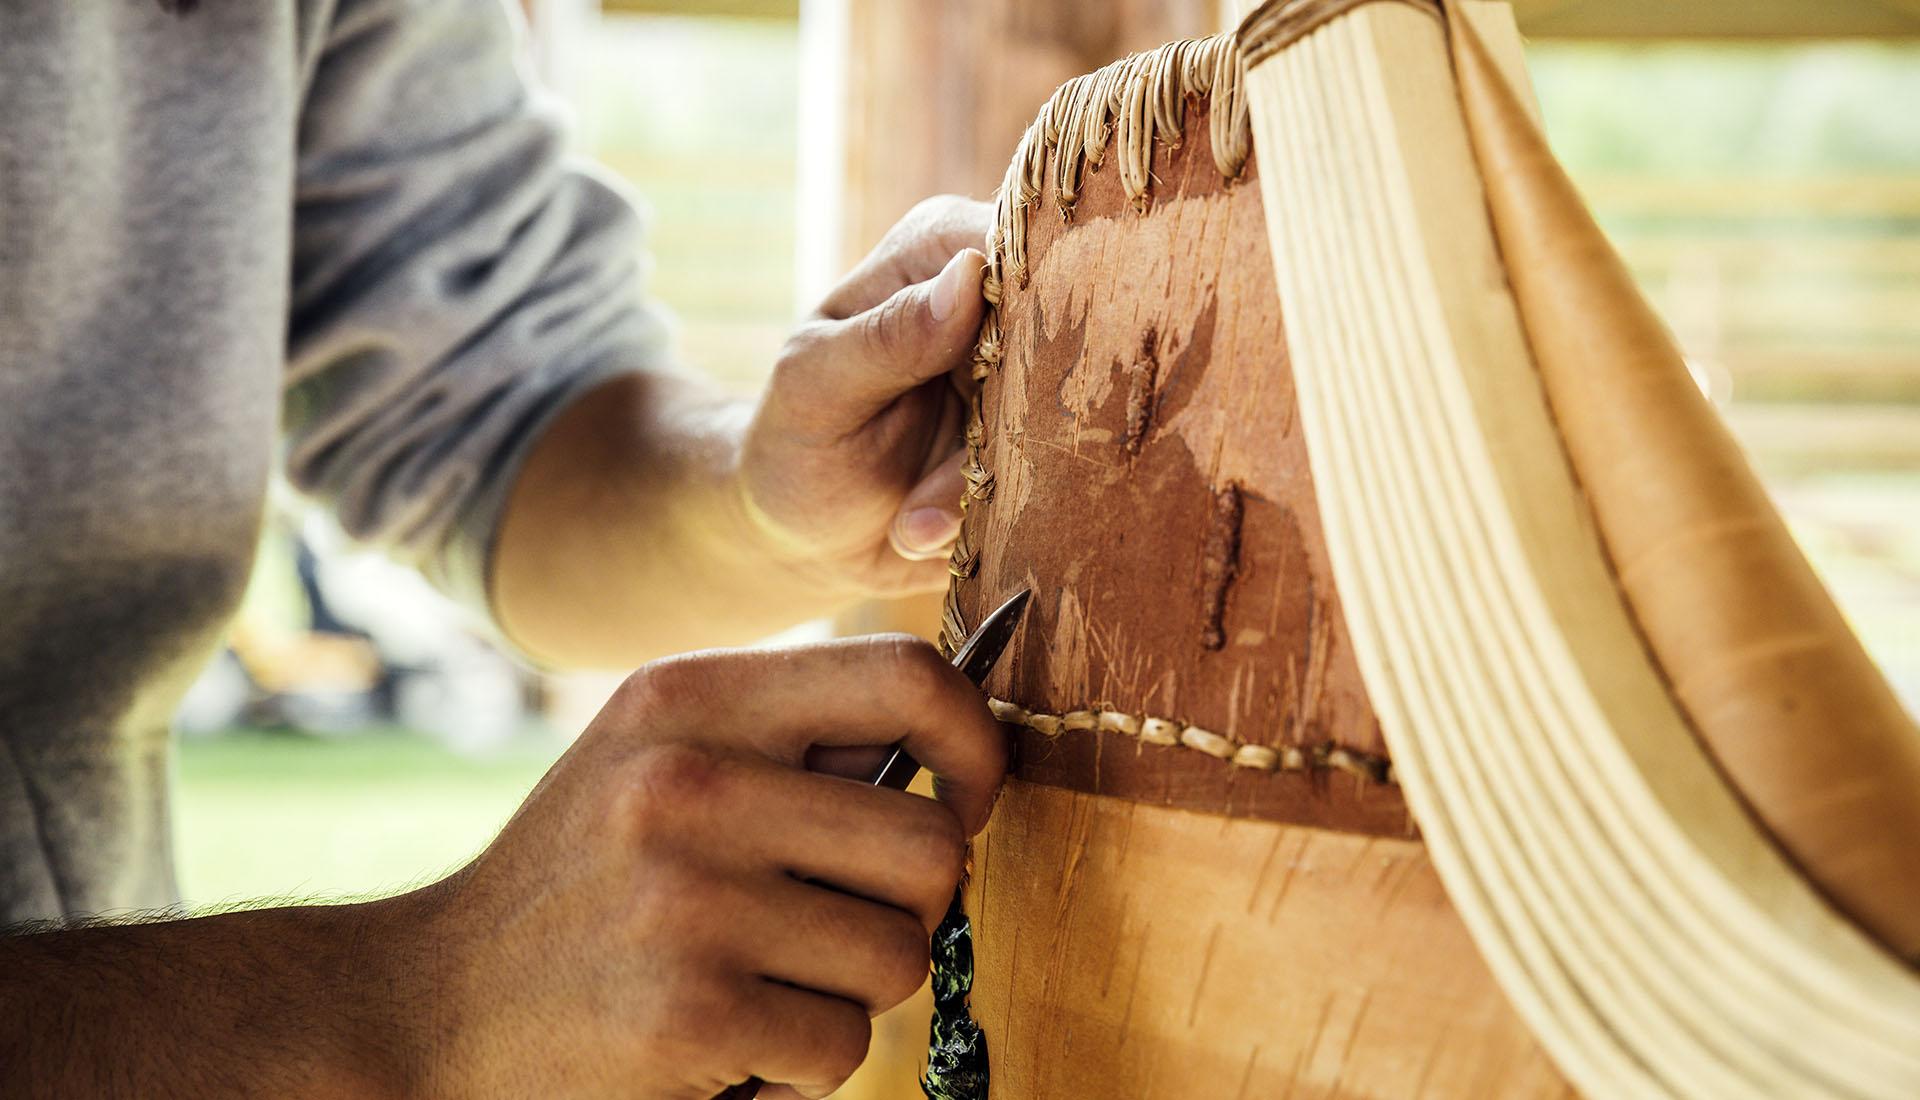 Building a canoe